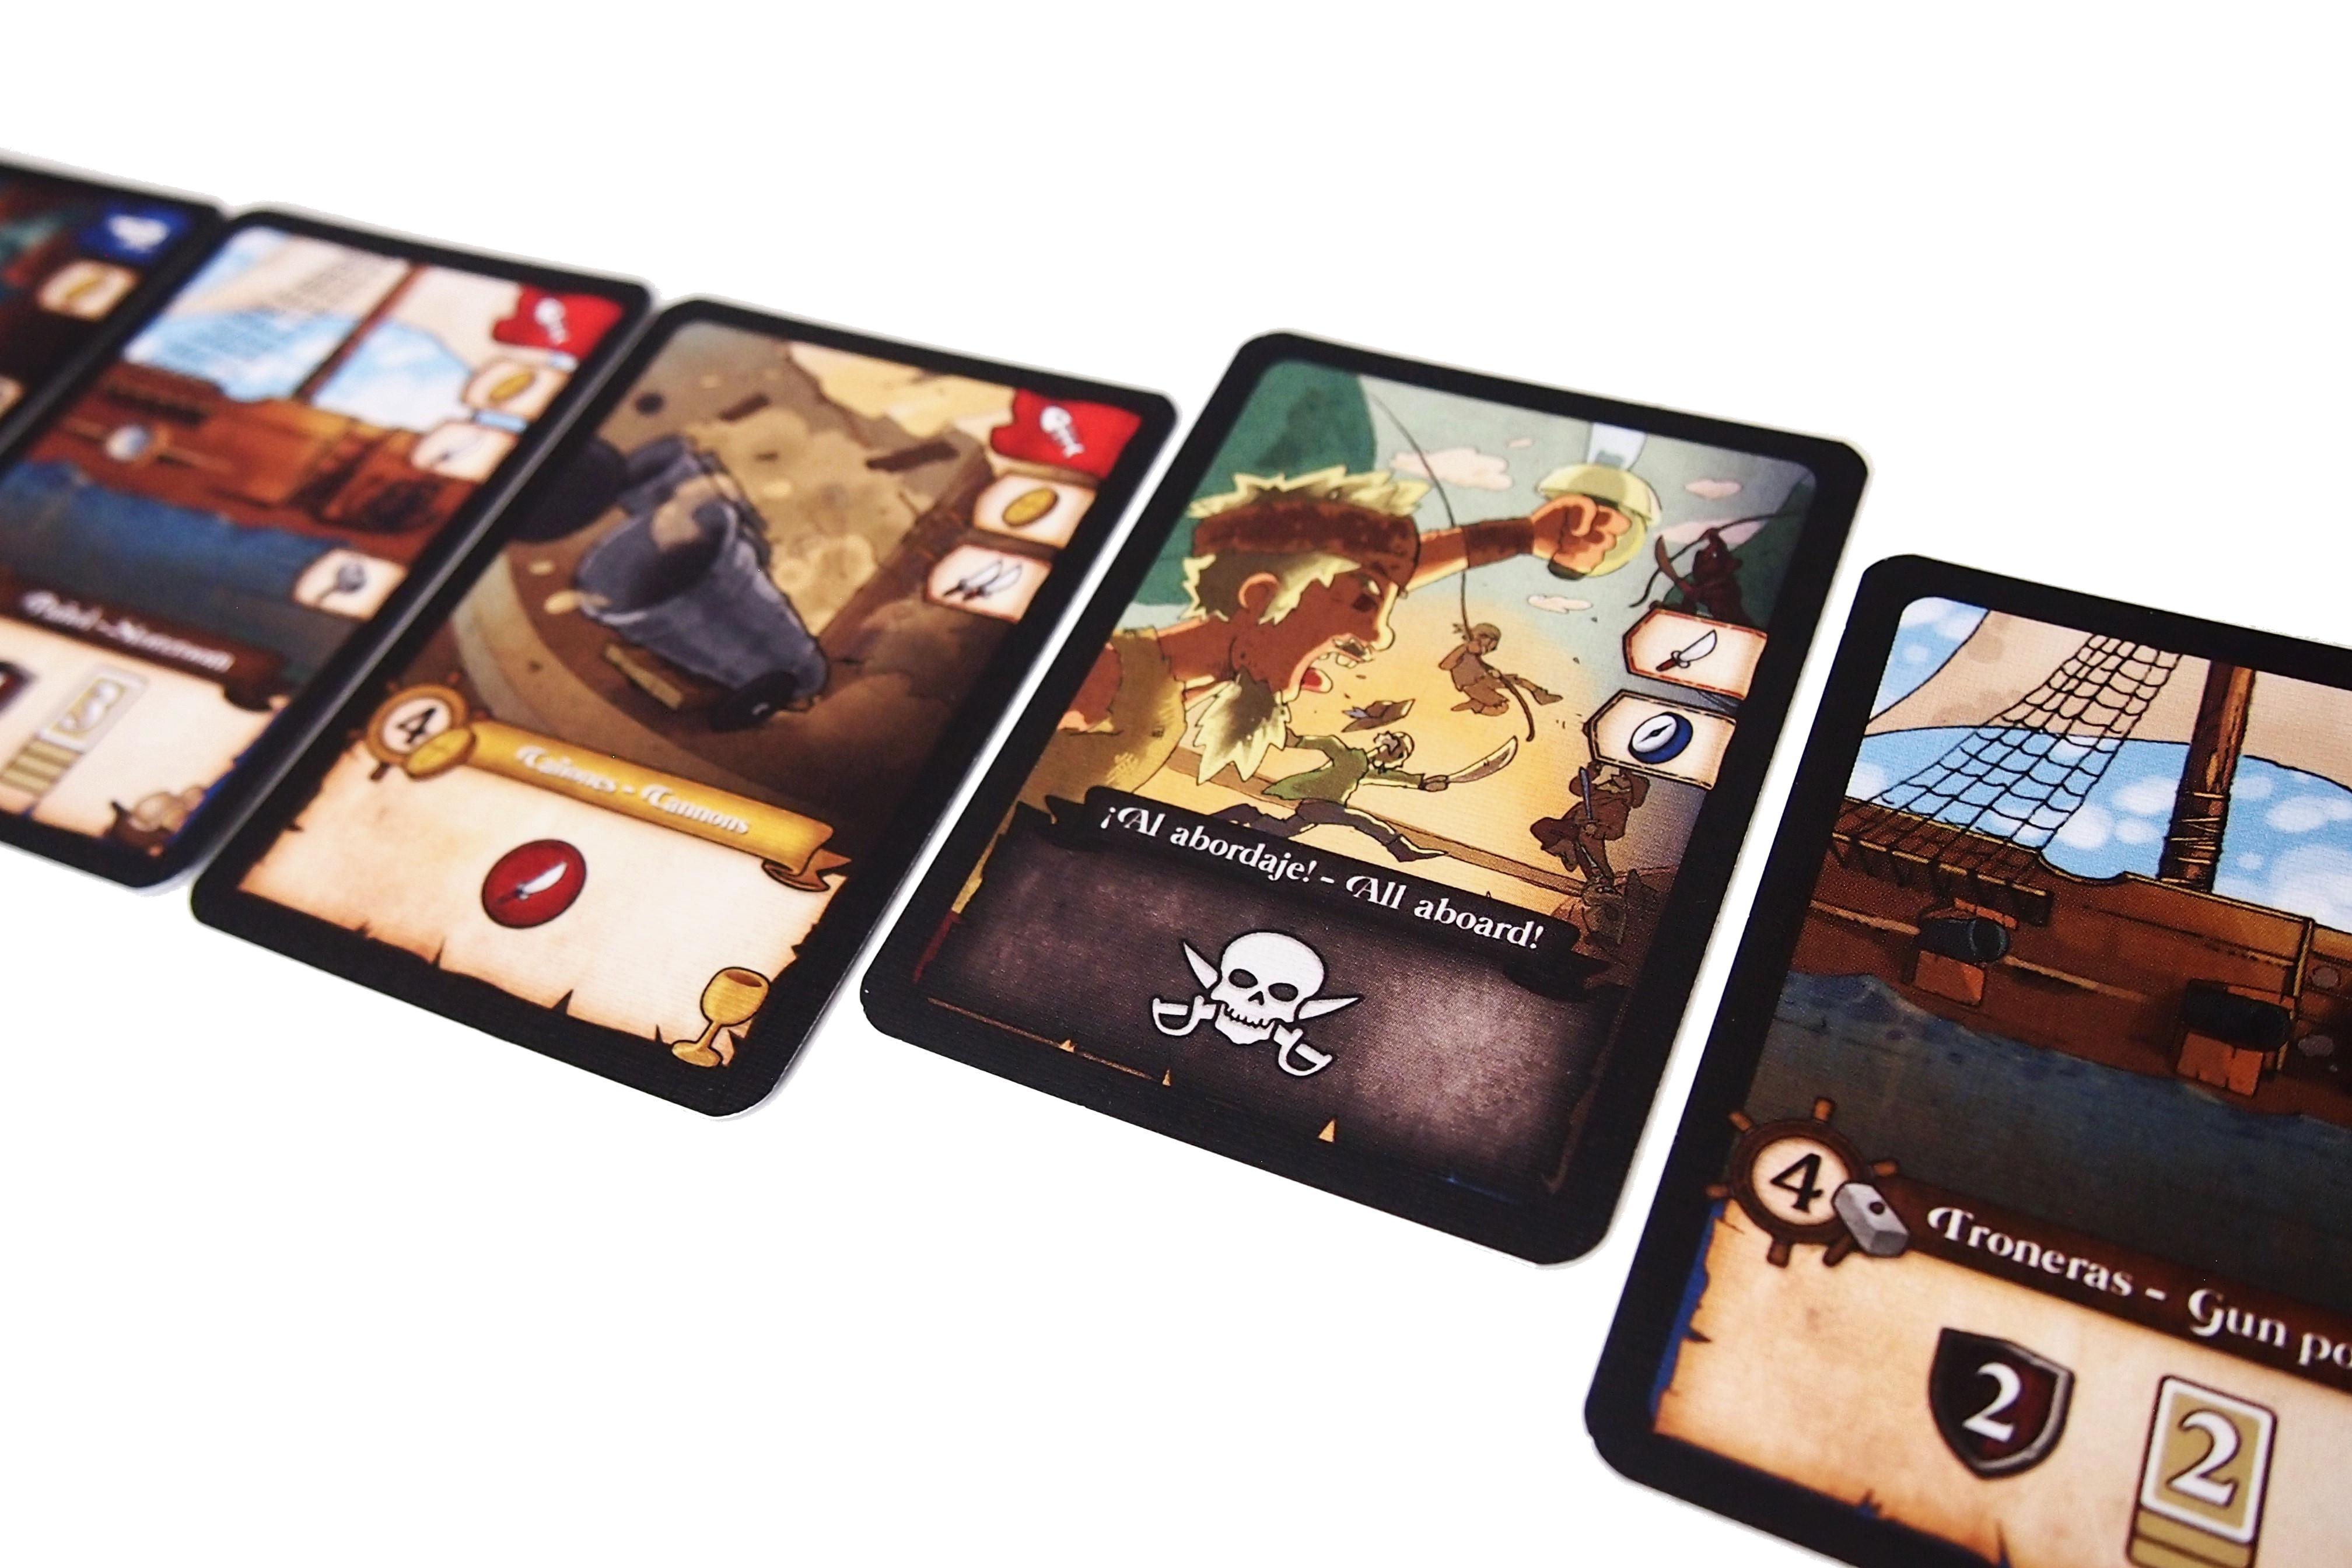 Un turno también puede finalizar con un abordaje, descartando todas las cartas.